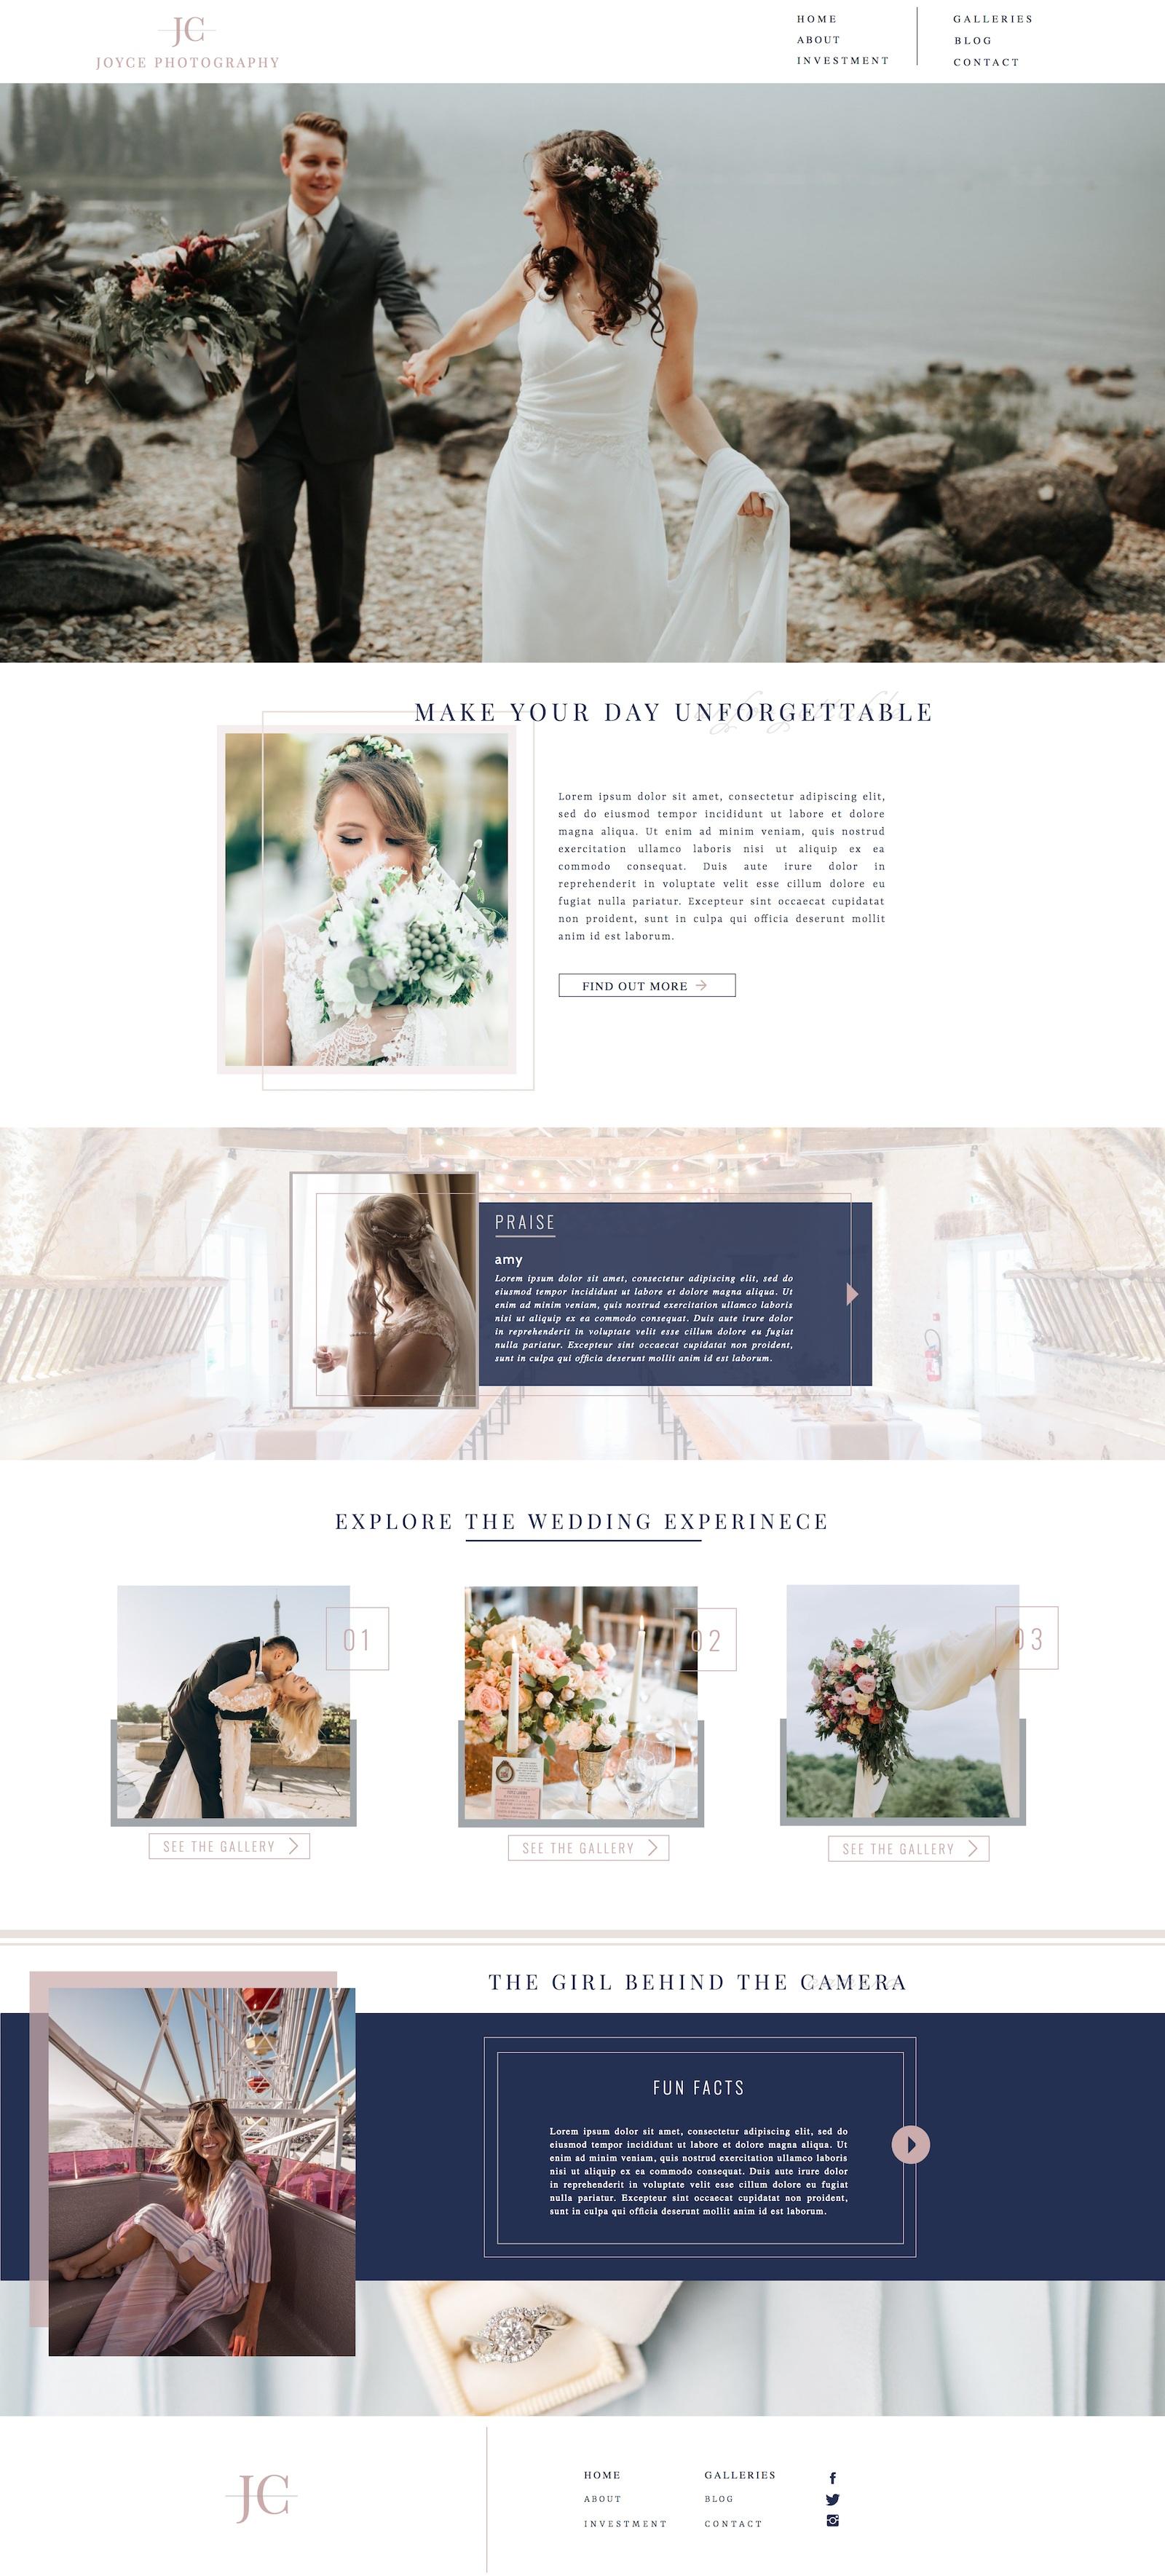 Joyce+Photography+-+Showit+design+sample.jpg